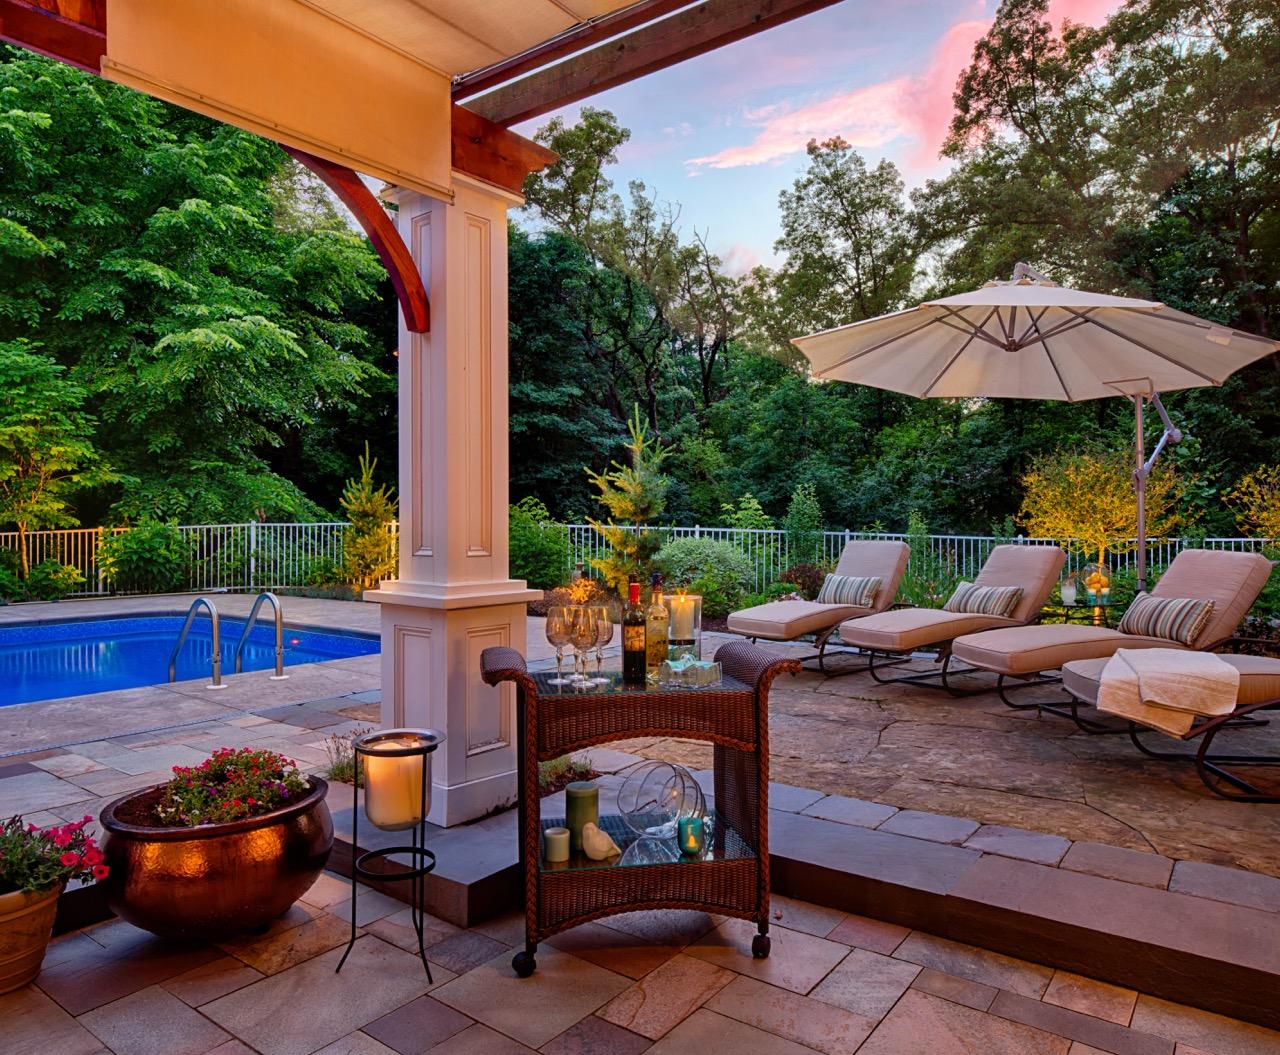 Mom's Design Build - Pool Furniture Umbrella Pergula Concrete surround